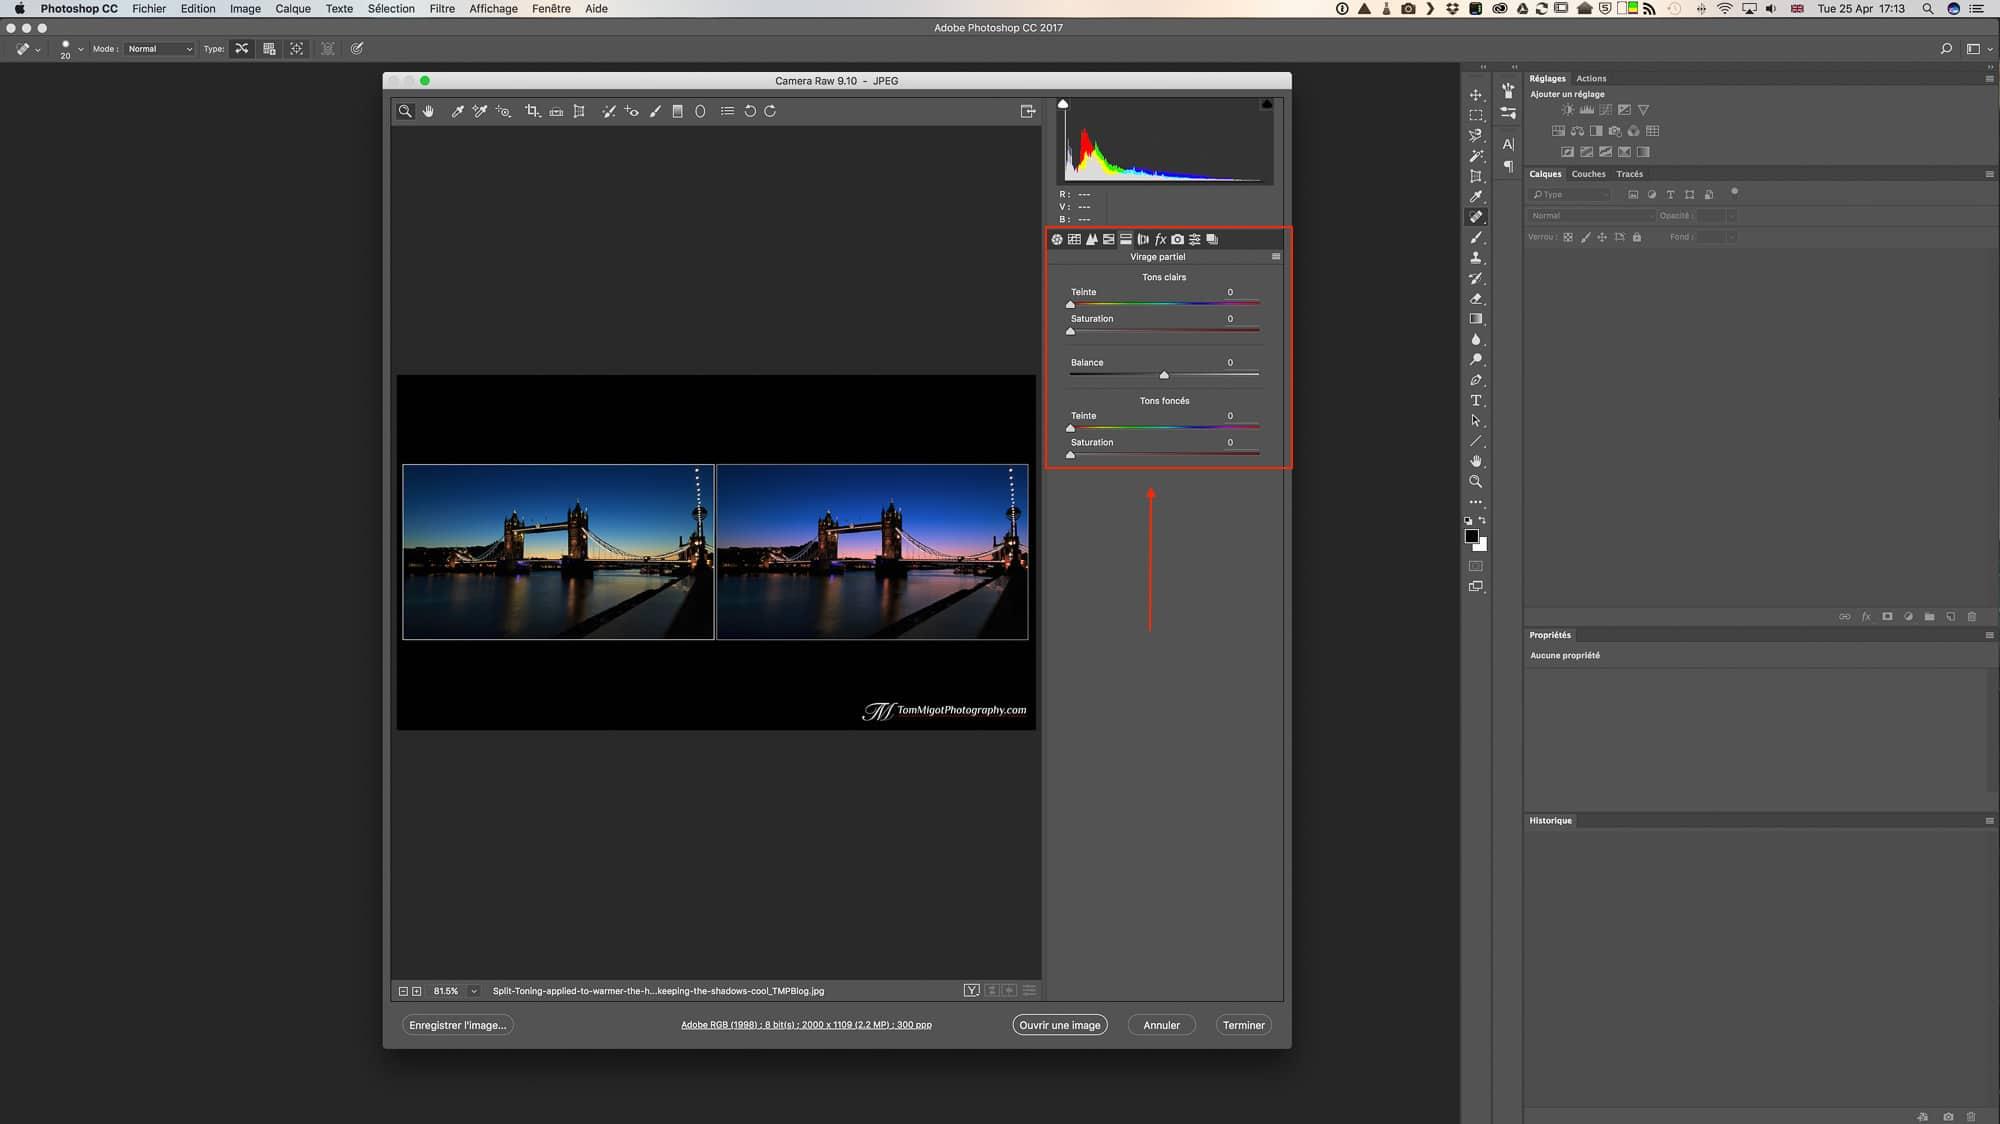 Le panneau du Virage Partiel dans Adobe Photoshop